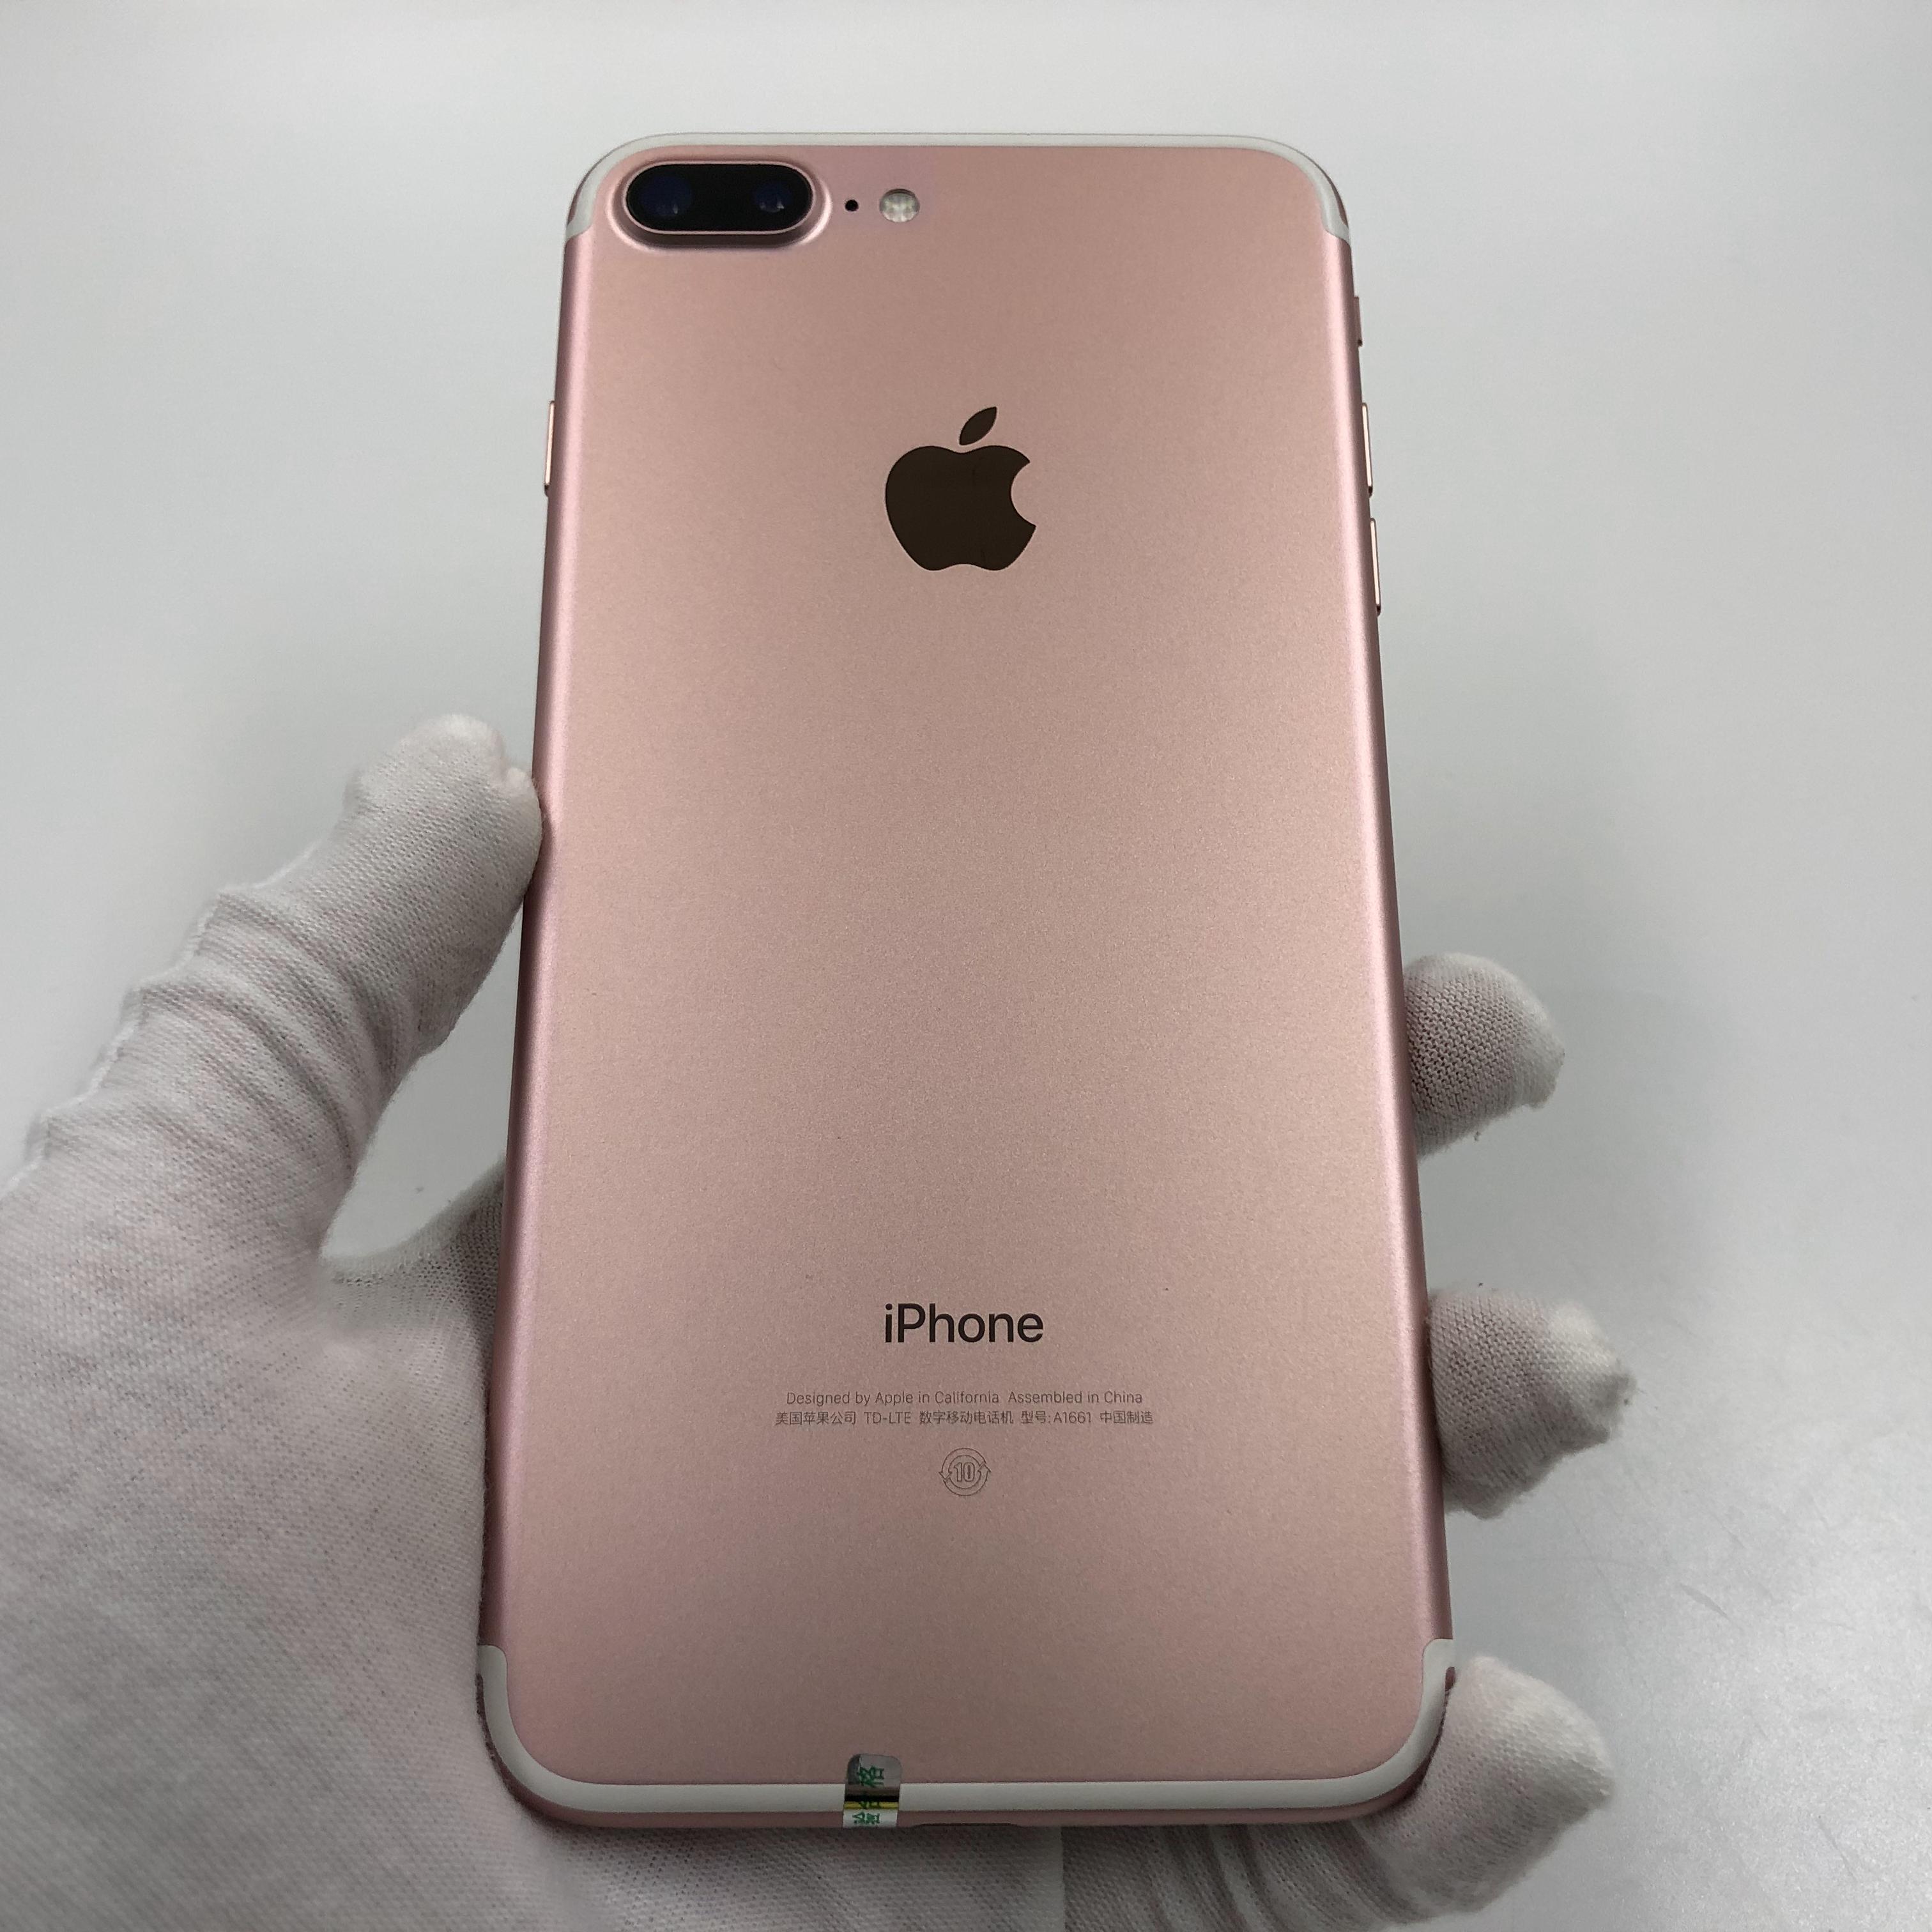 苹果【iPhone 7 Plus】4G全网通 玫瑰金 32G 国行 95新 真机实拍